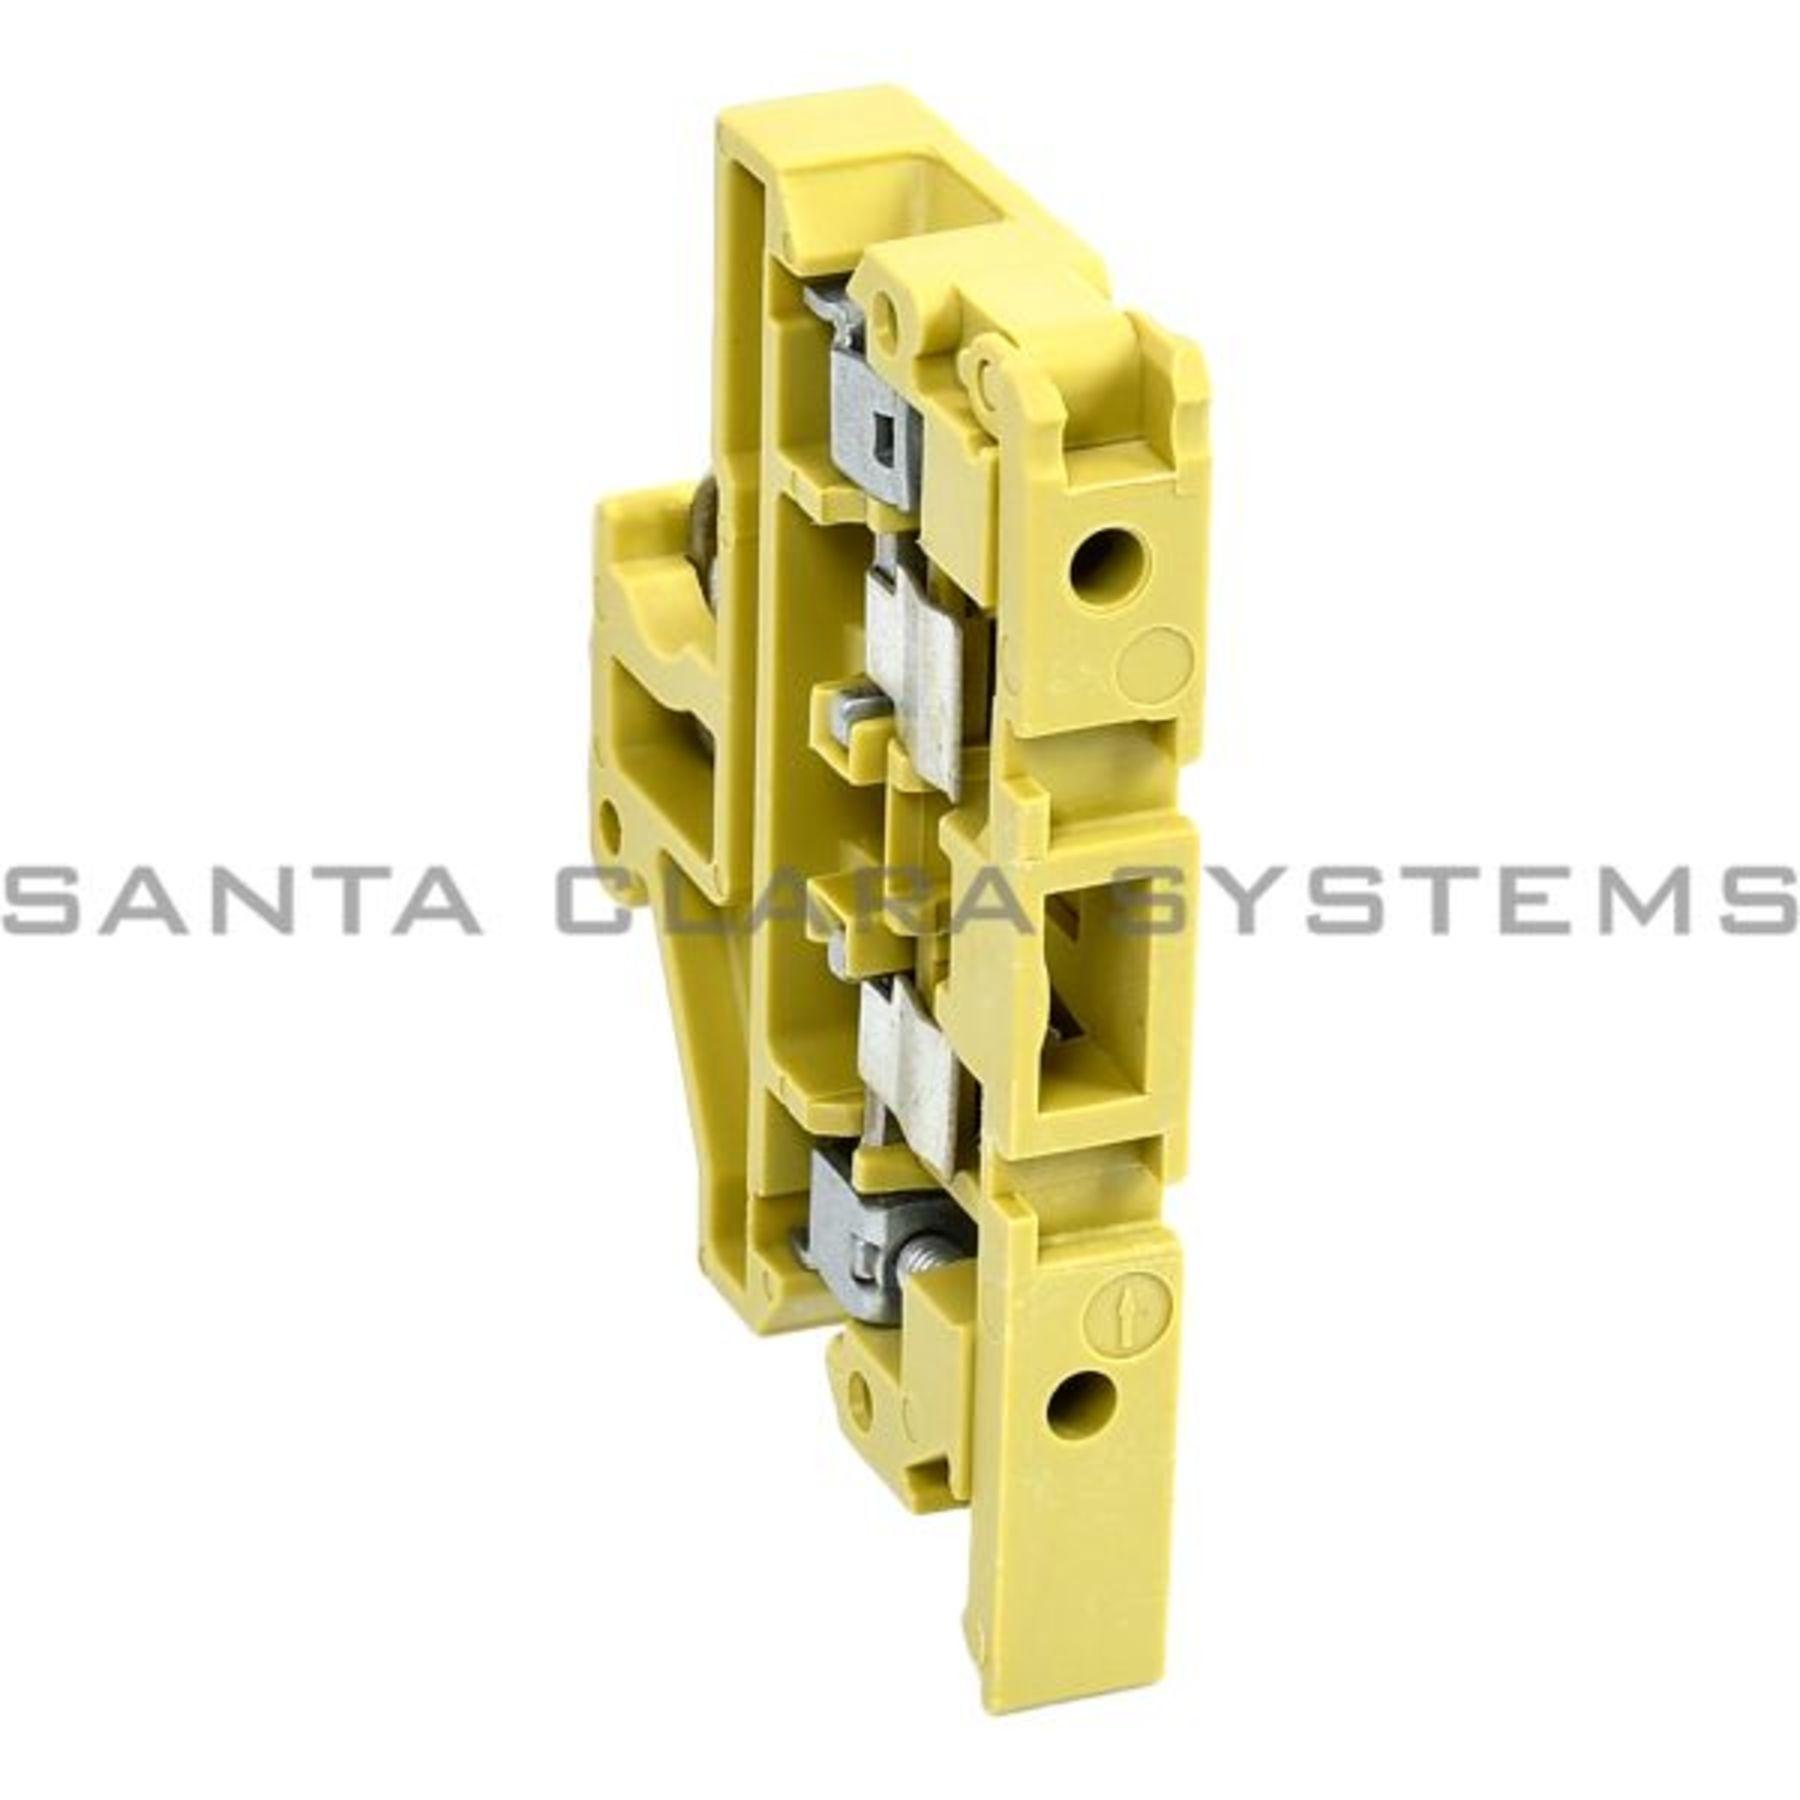 ASK-1 Terminal Block Fused 6 3 AMP 500 VAC Weidmuller In Stock